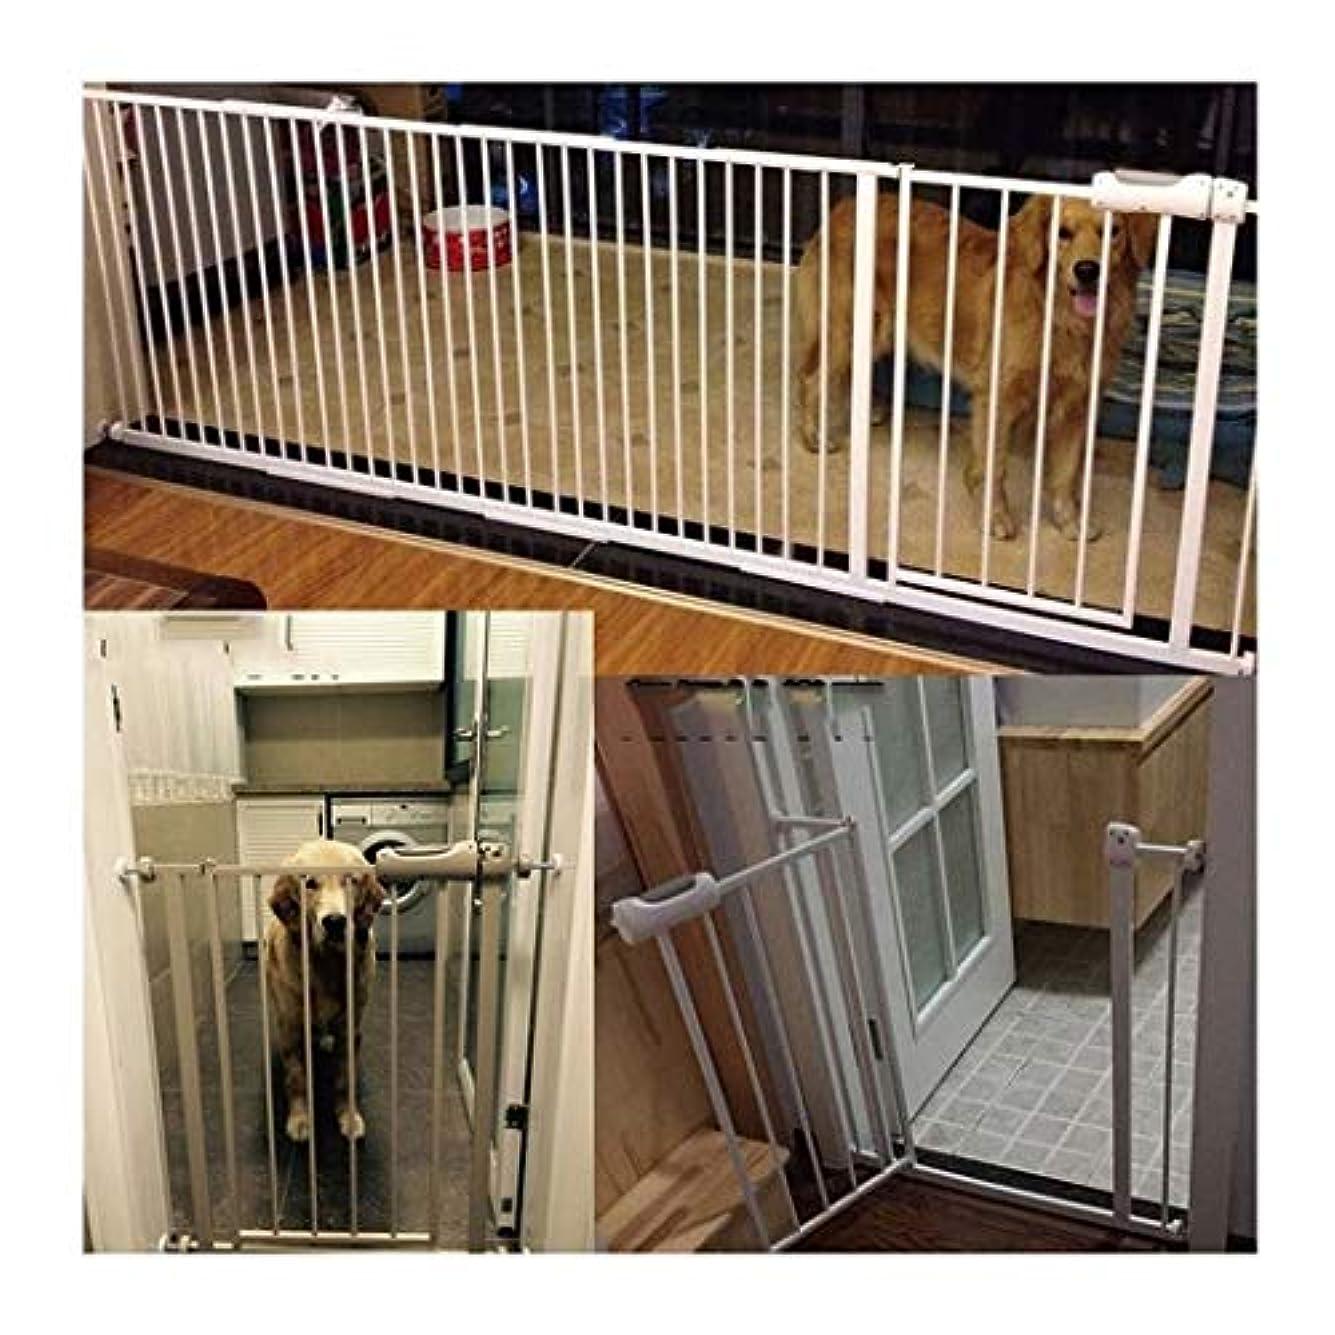 あいさつ有罪滑るベビーゲート セルフクロージングの犬のフェンス赤ちゃんの安全ゲイツガード手すりの単離ドアバーペット猫アイアン無料パンチングインストールウォークスルー (Color : White H78CM width, Size : 75-84cm)